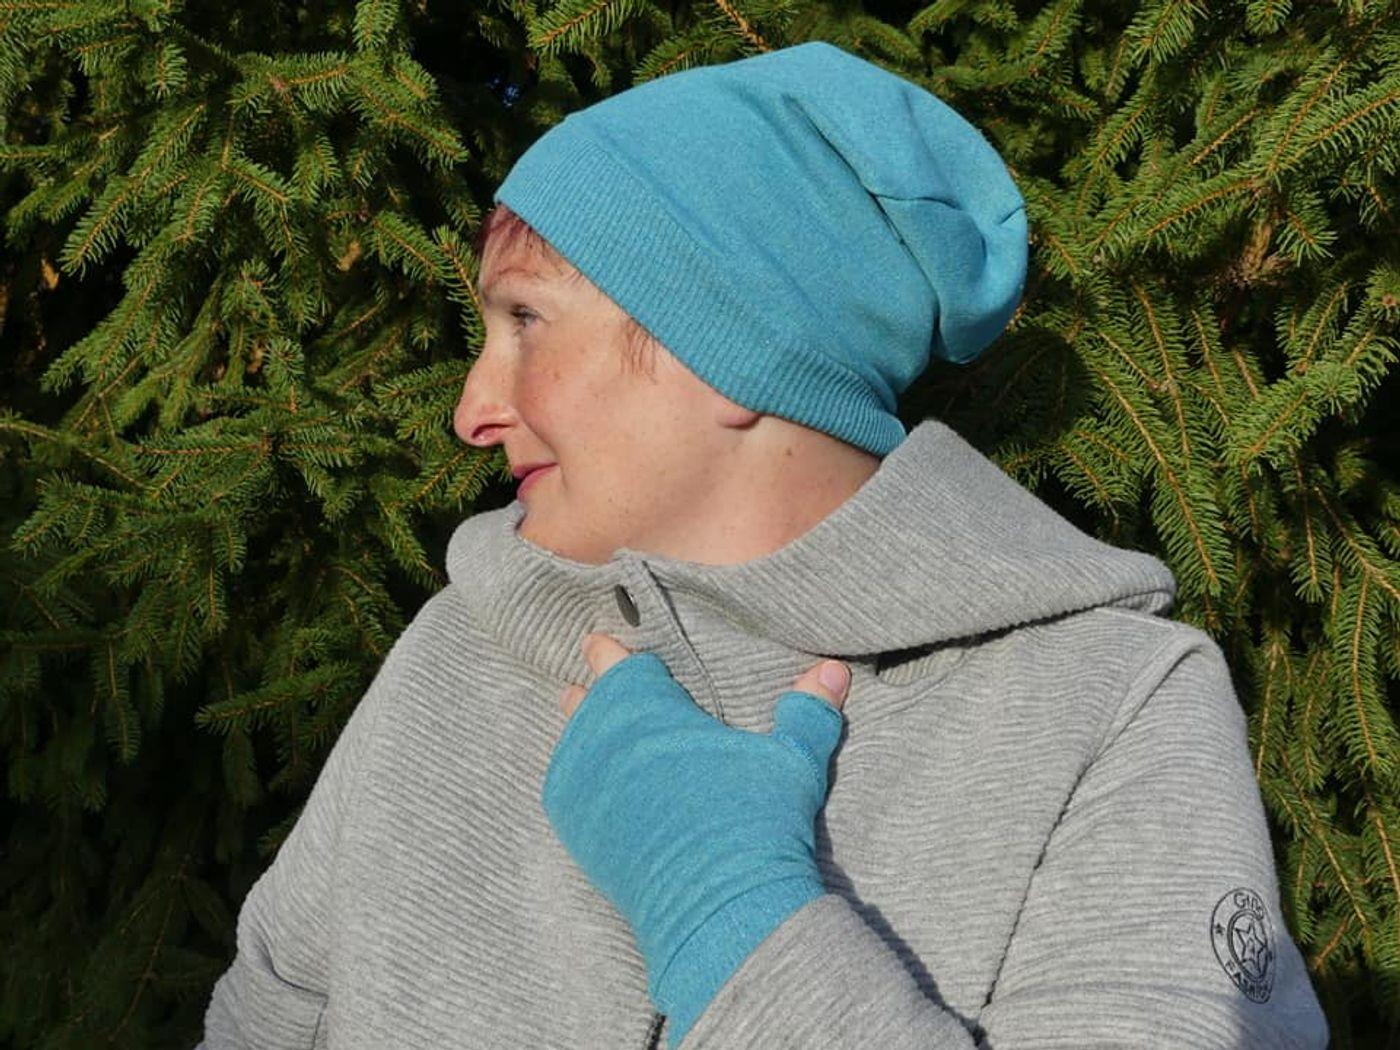 Produktfoto 10 von Fadenblau für Schnittmuster Blauer Winter